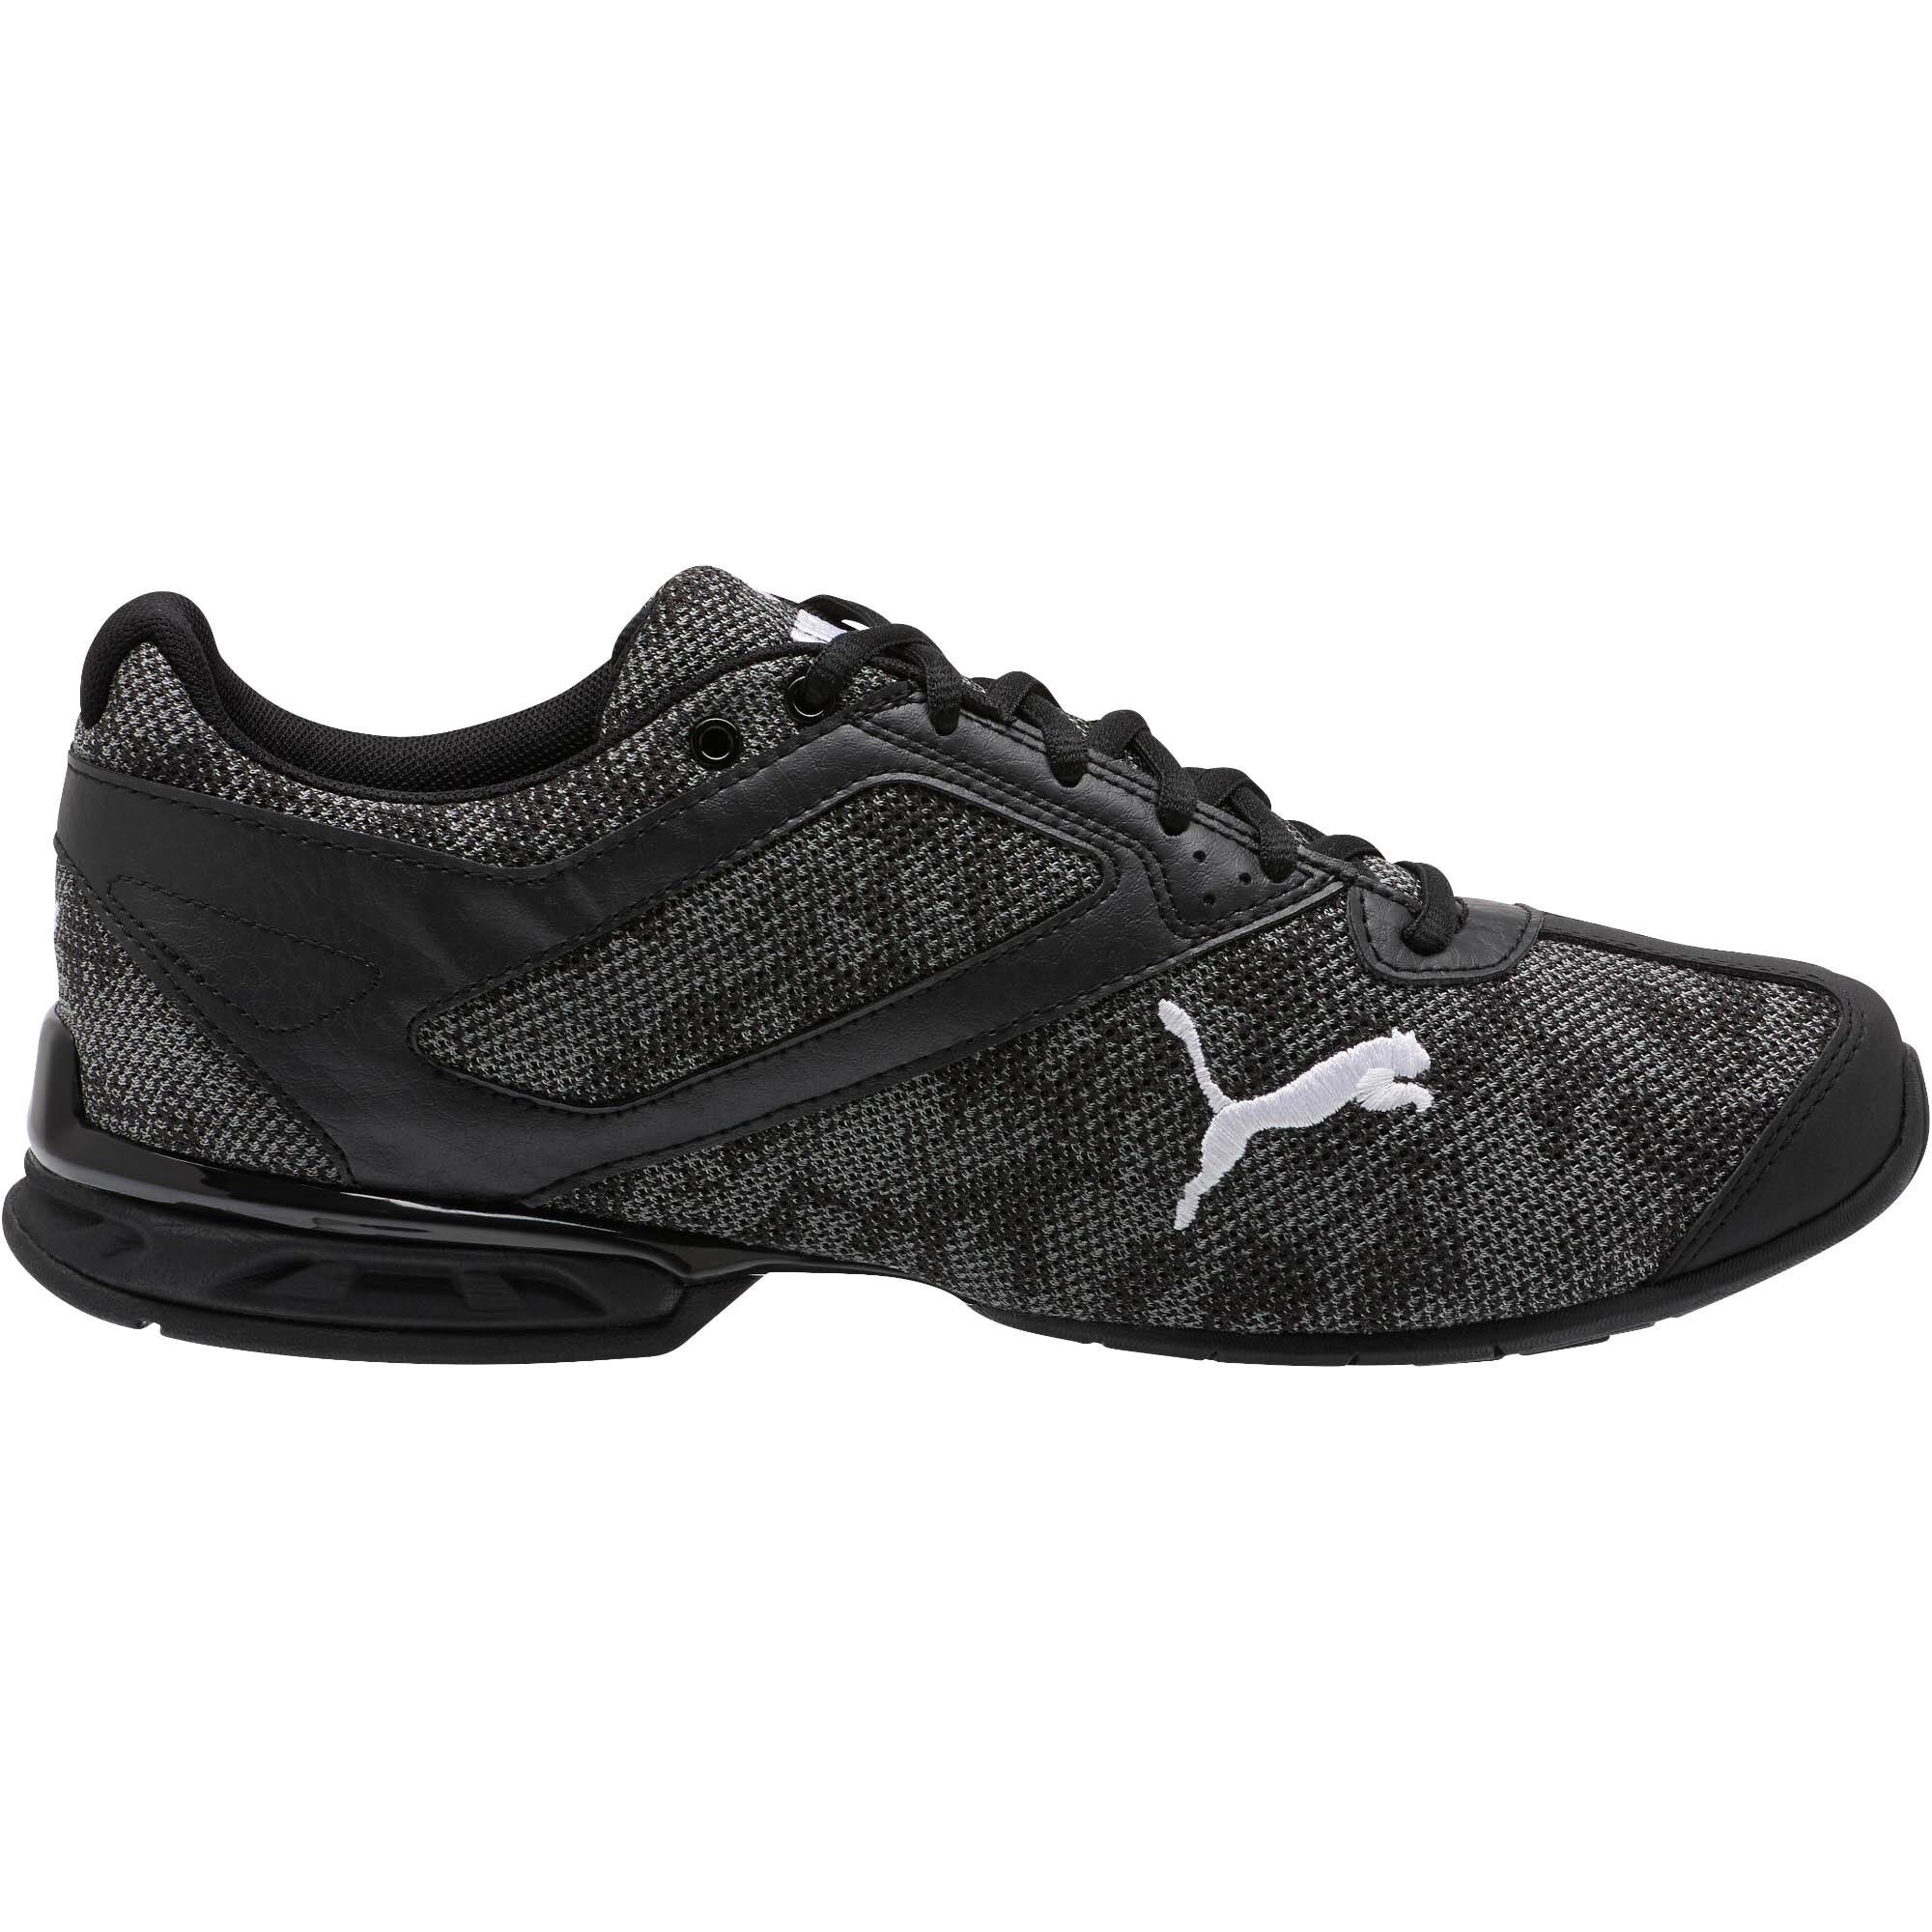 Puma-Tazon-6-Camo-Mesh-Scarpe-da-ginnastica-Uomo-scarpa-in-esecuzione miniatura 5